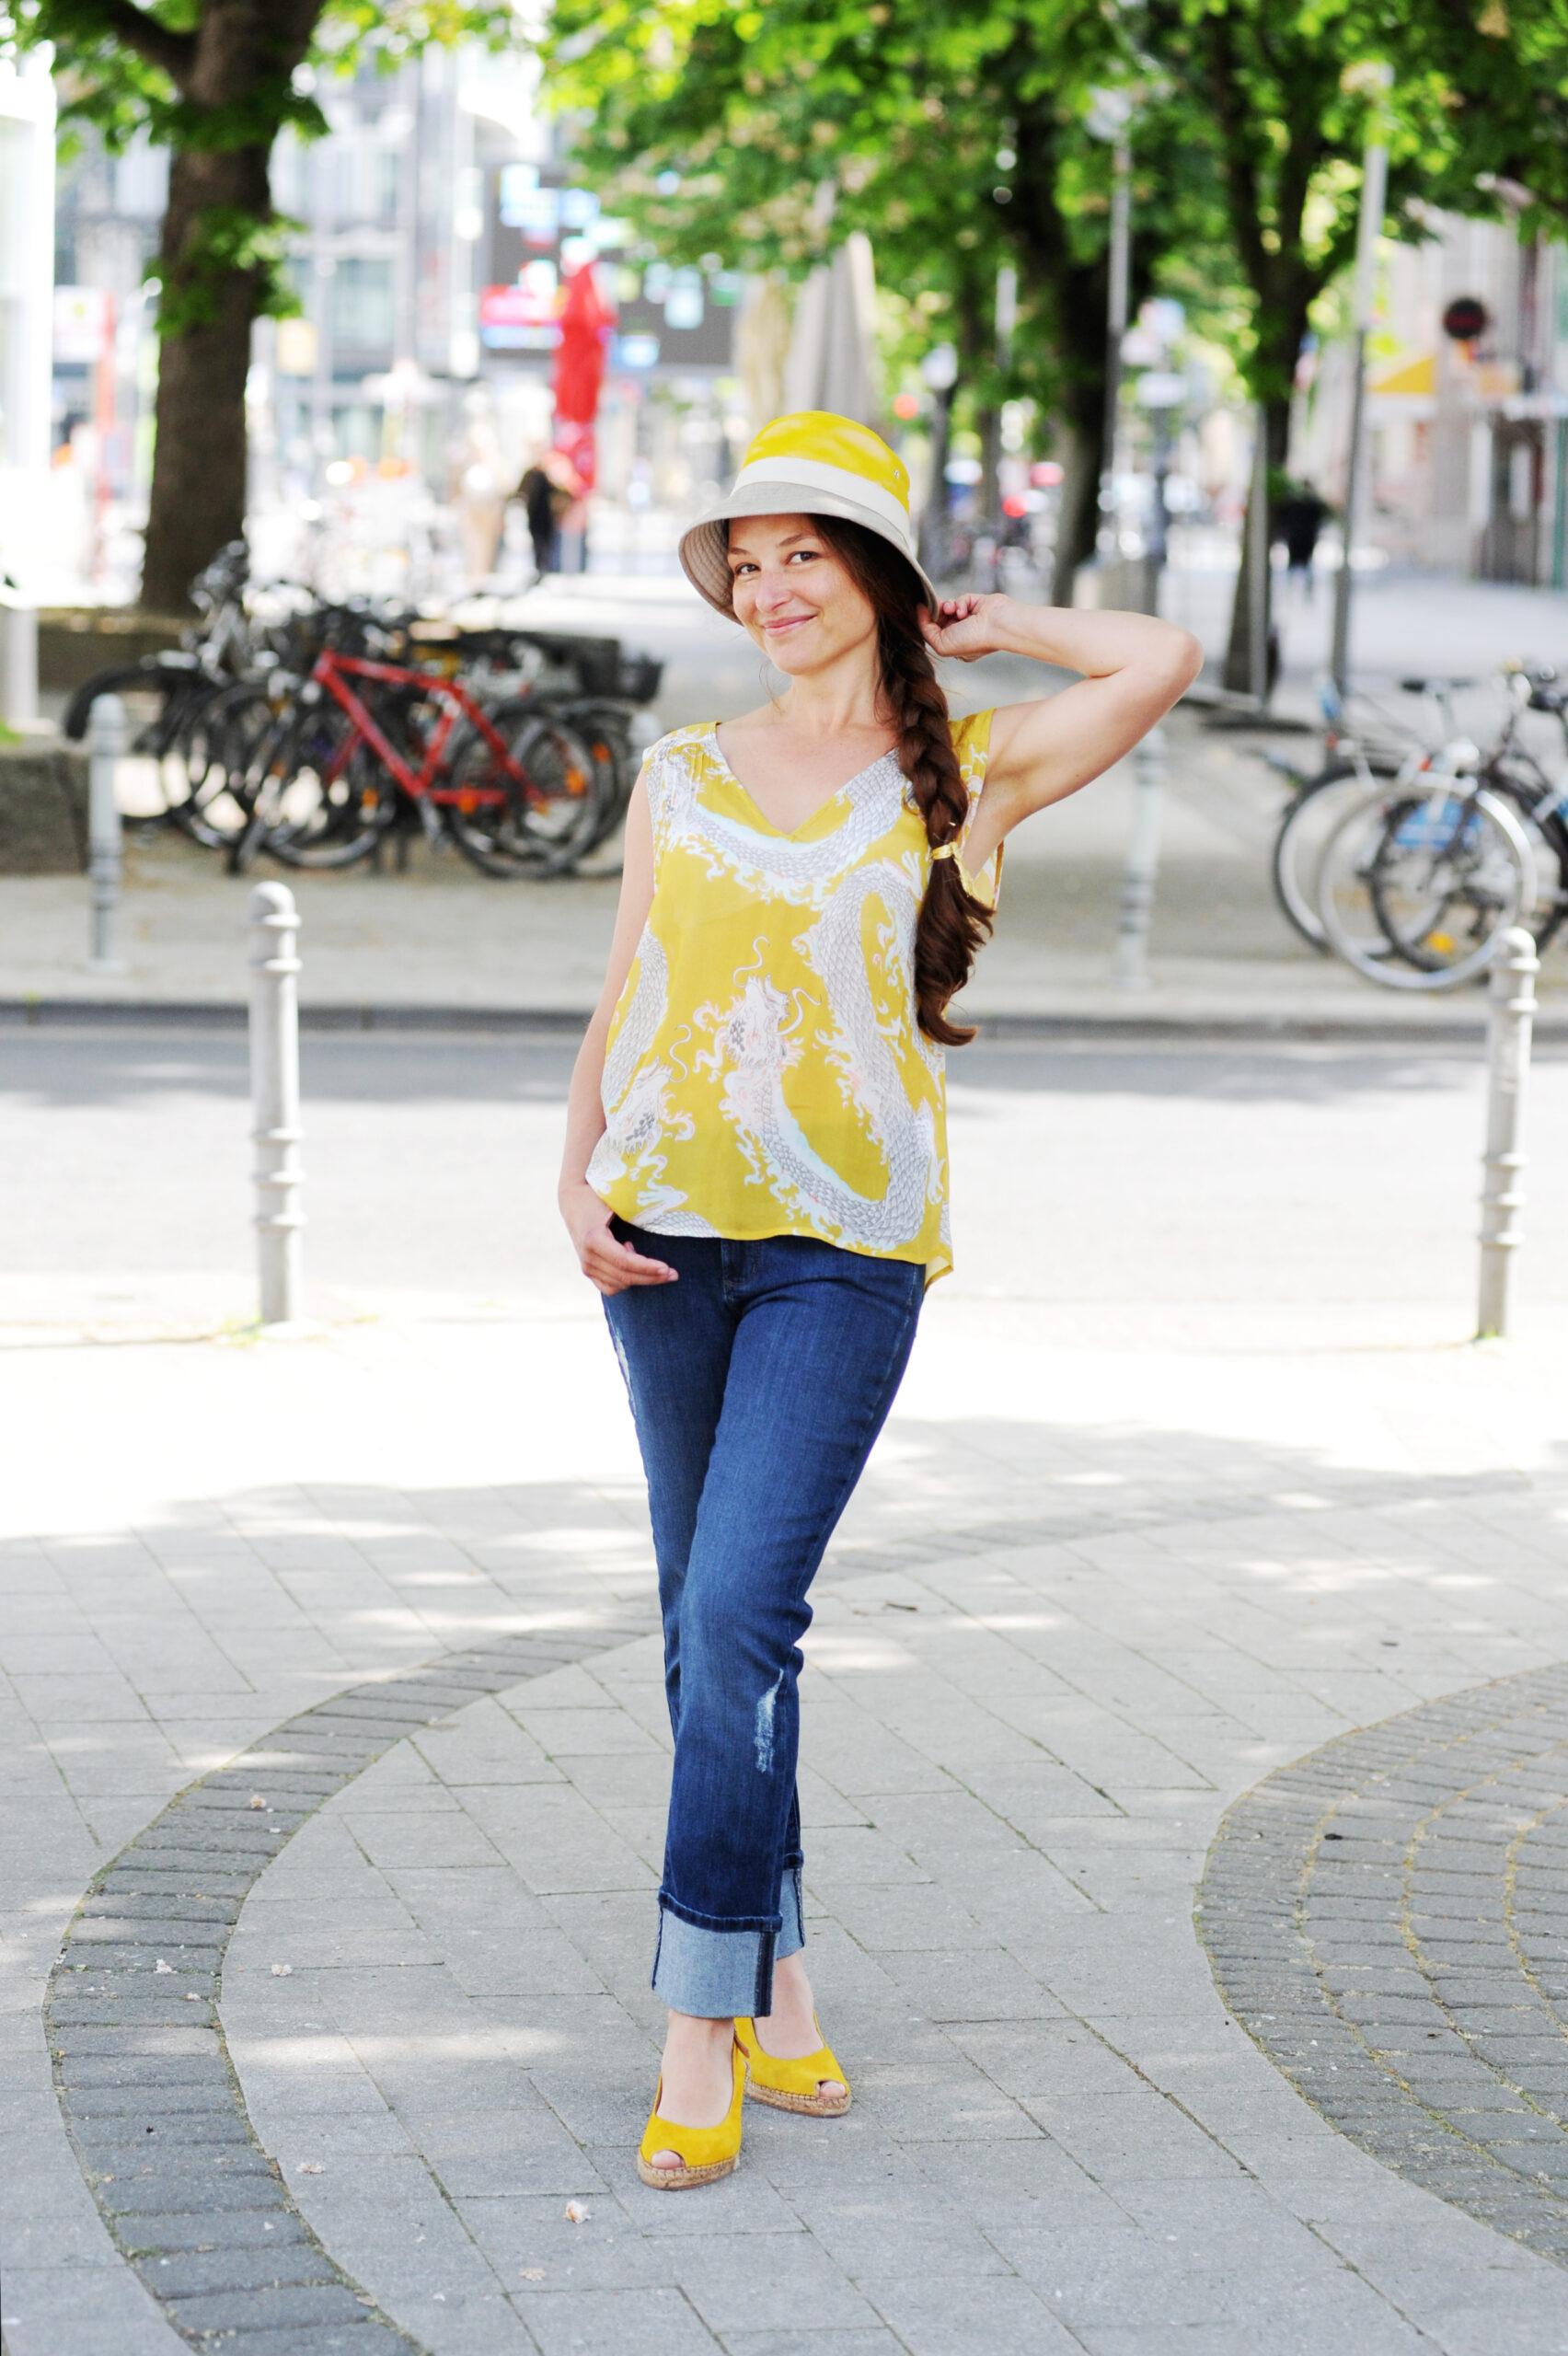 Caroline Betz Schauspielerin Köln Film Fernsehen Theater Bühne Porträt Künstlerin Ganzkörper Sommerlook fotografiert von Jennifer Fey